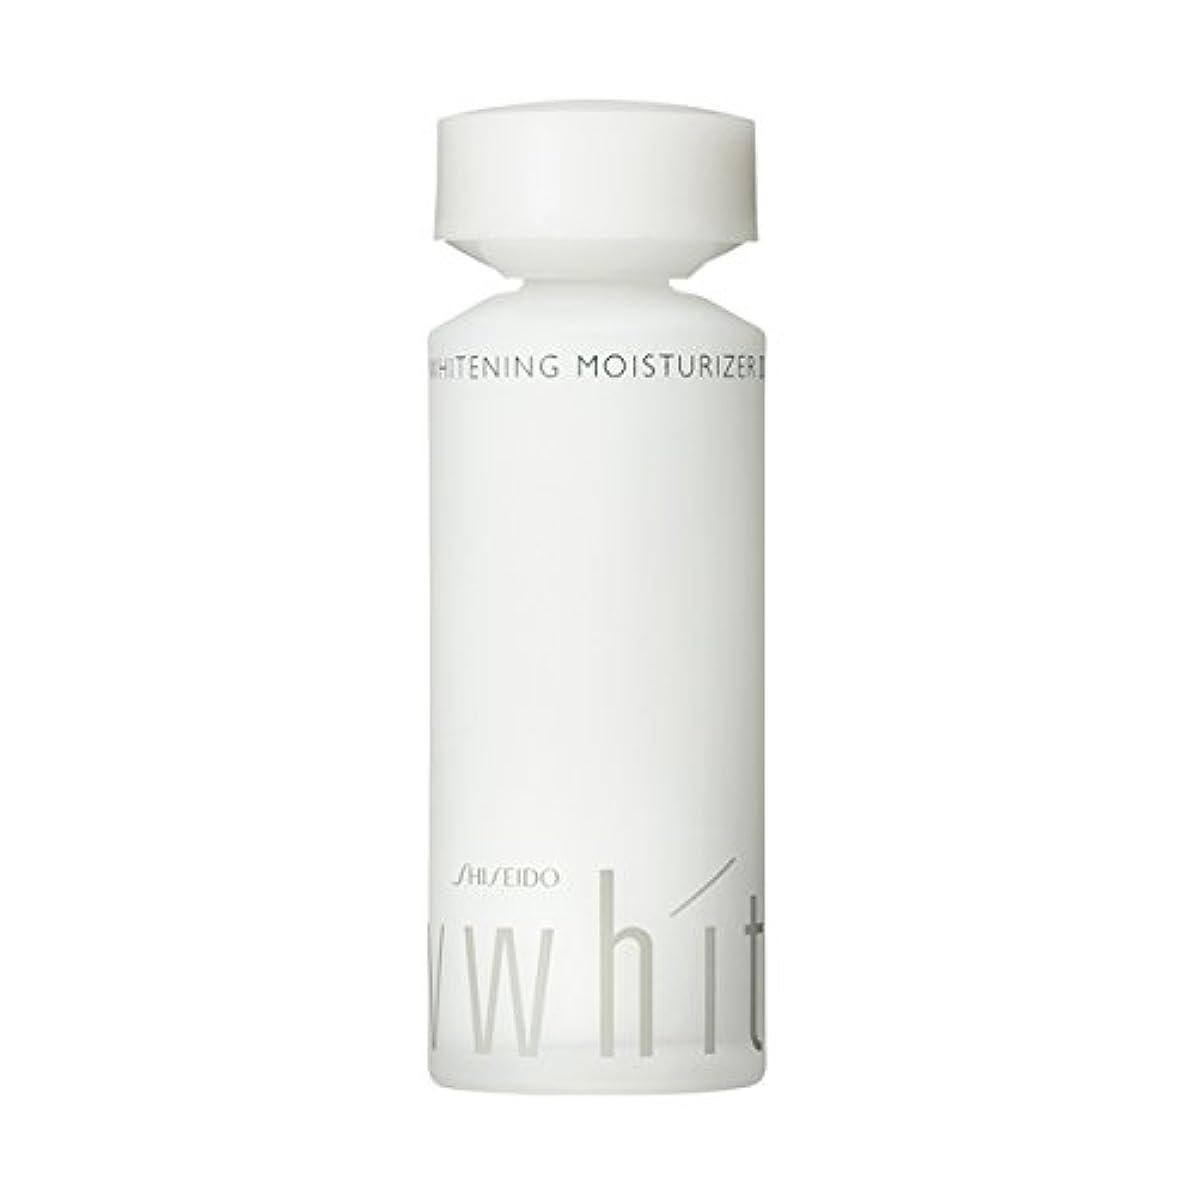 ページェントこっそり苦UVホワイト ホワイトニング モイスチャーライザー 2 100mL 【医薬部外品】